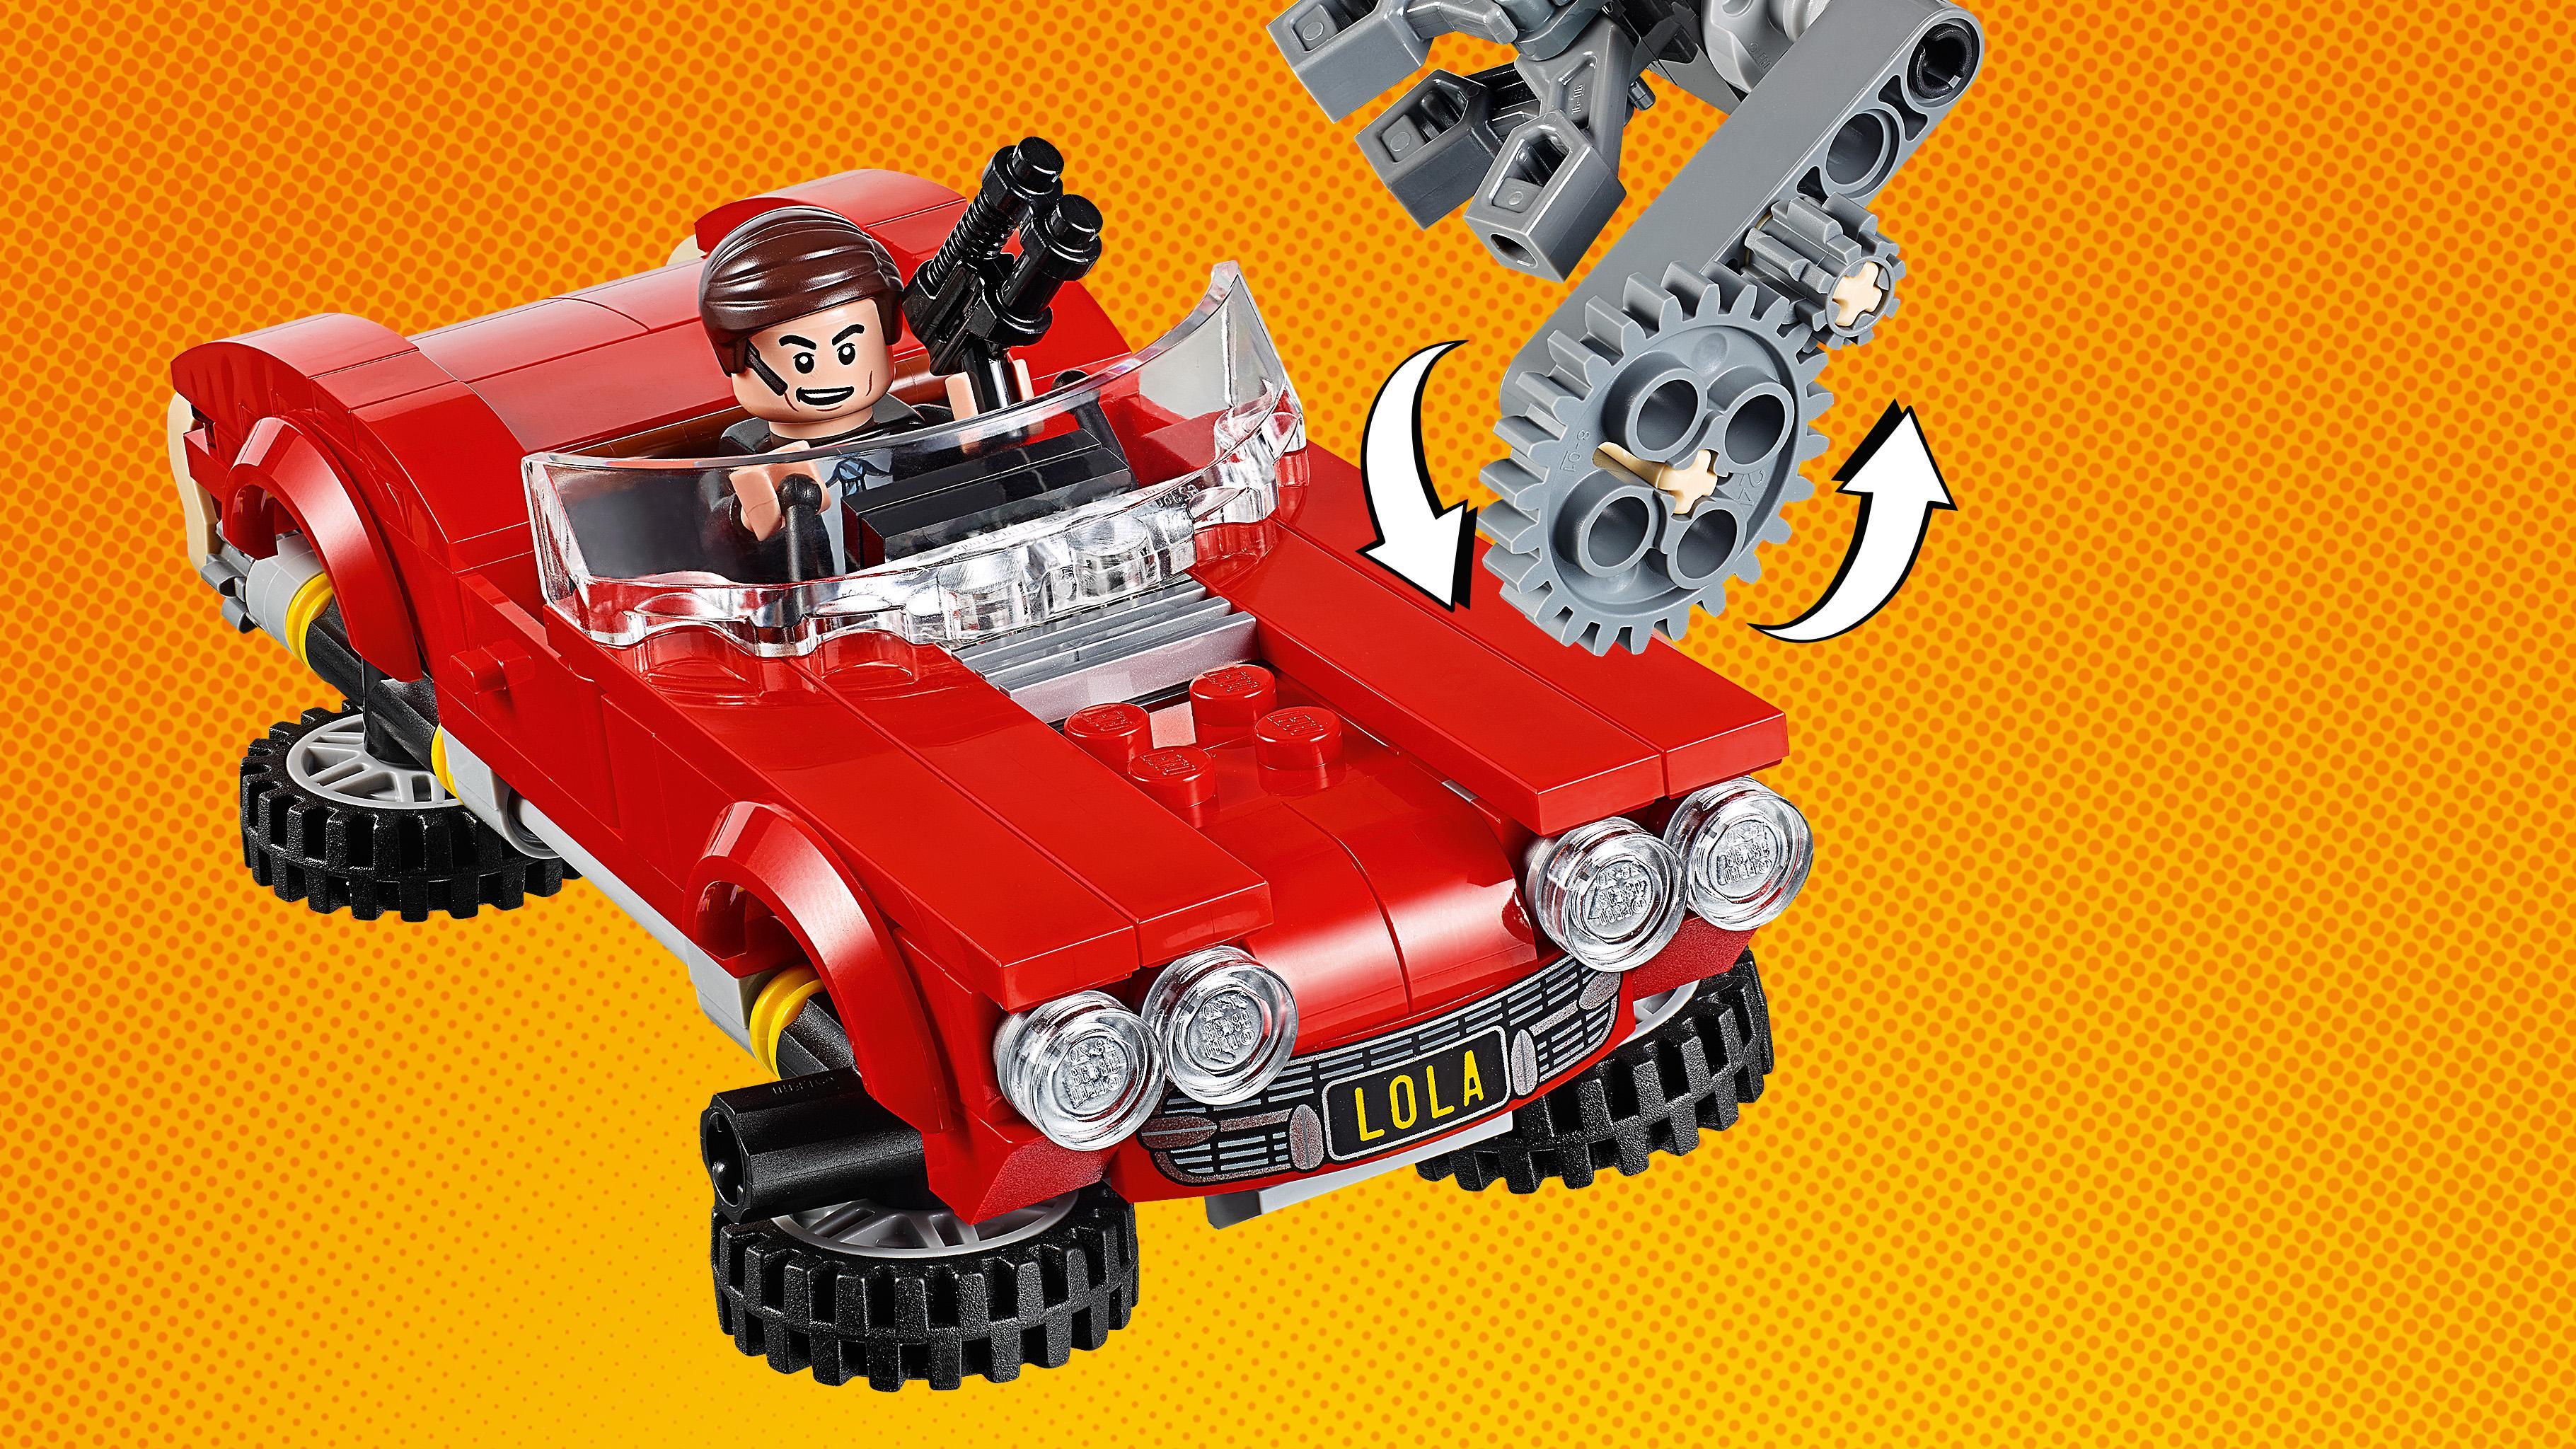 Lego Super Heroes-76077 Envía a Iron Man a rescatar a